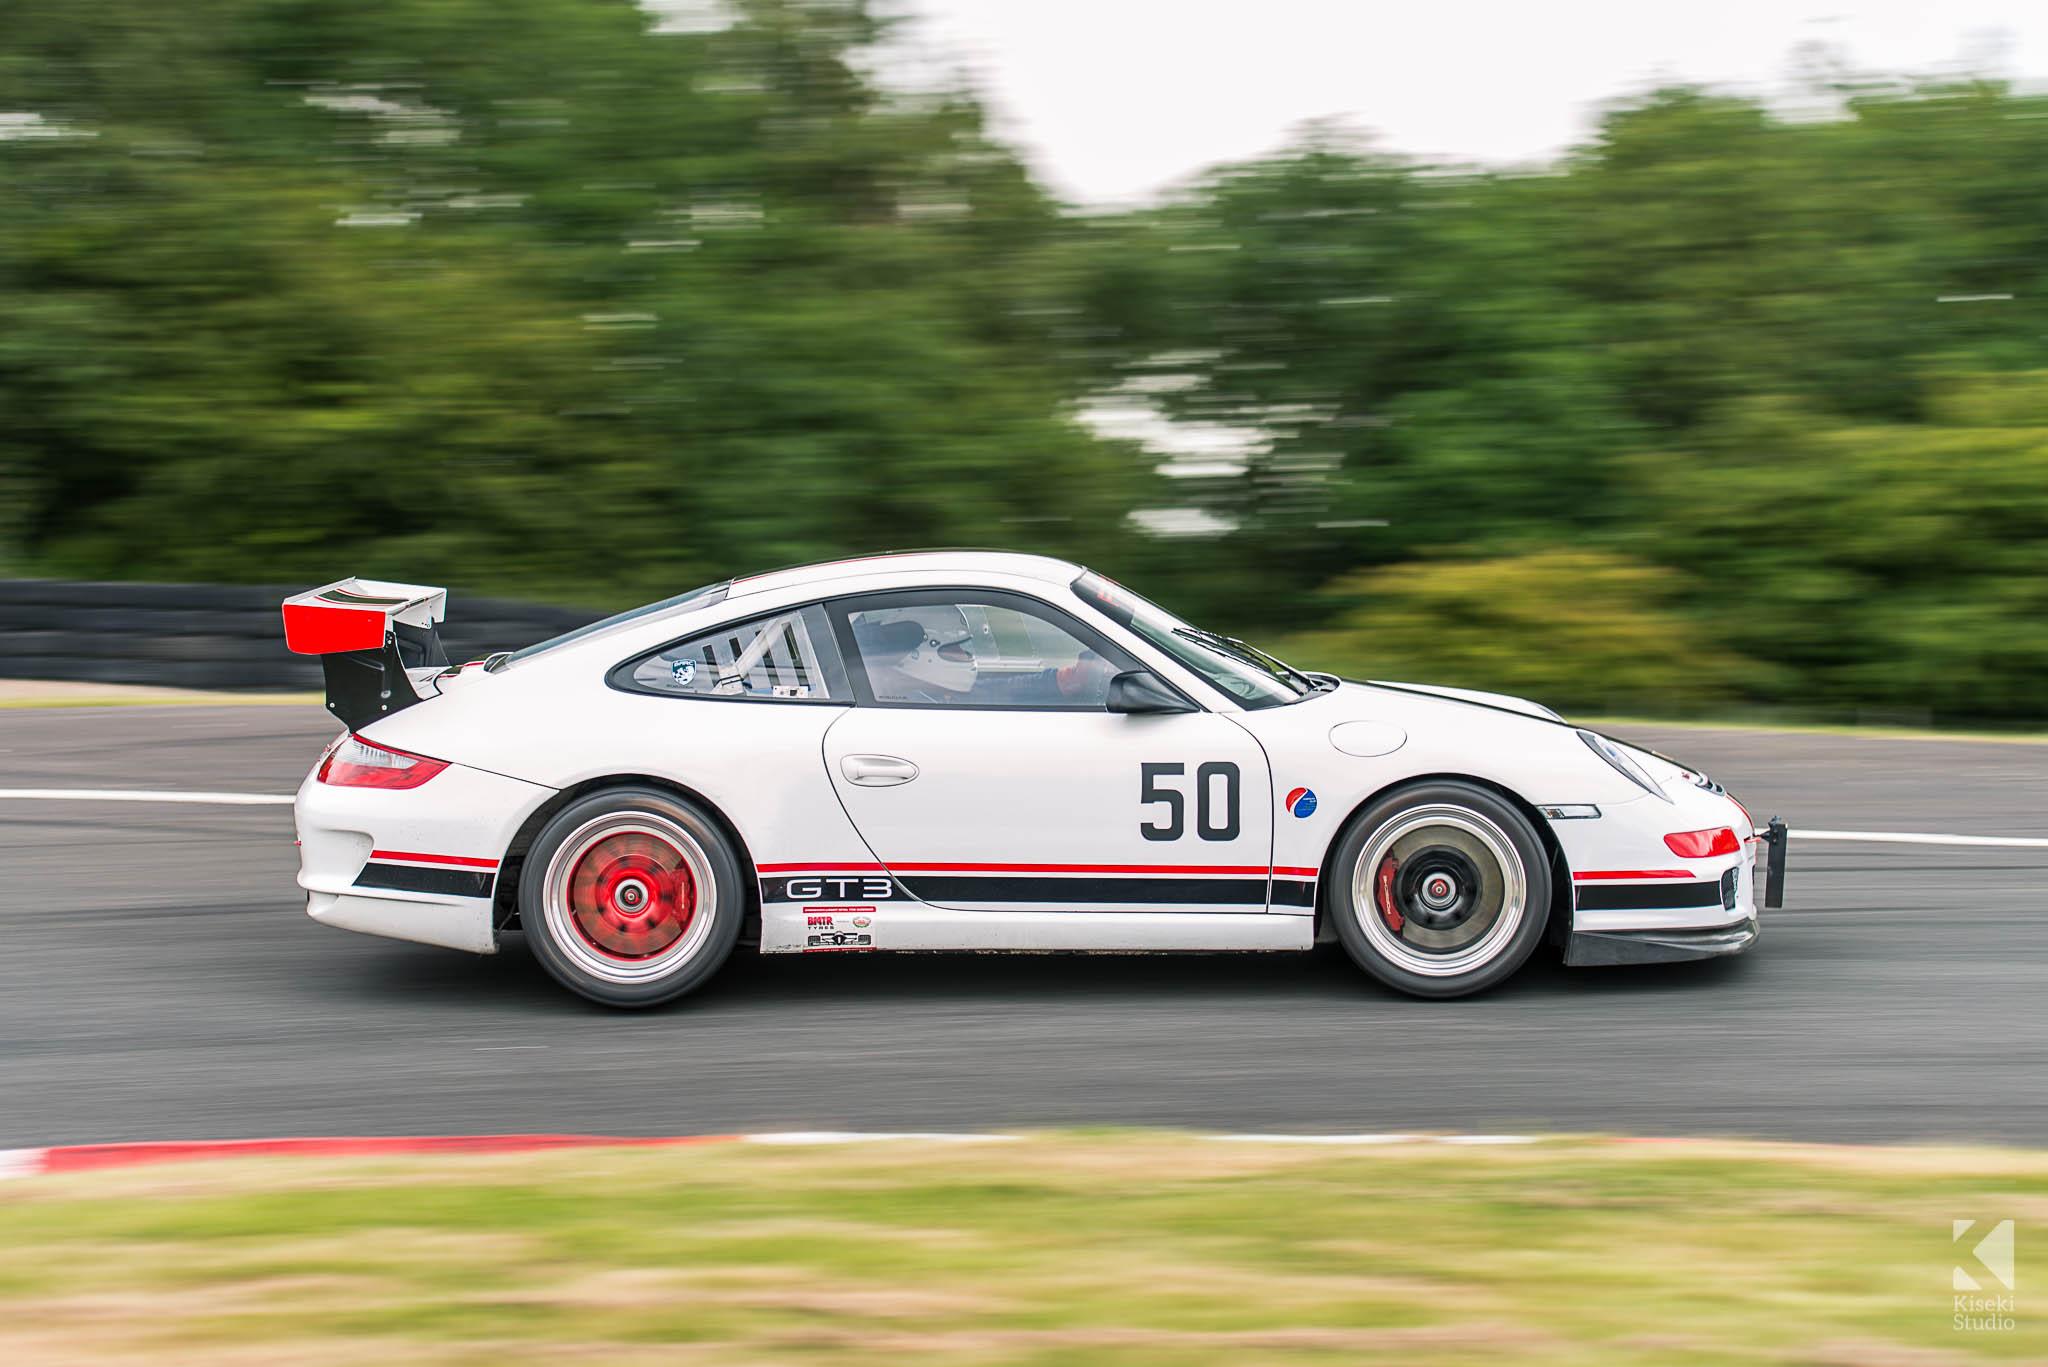 Porsche 991 997 GT3 Cup